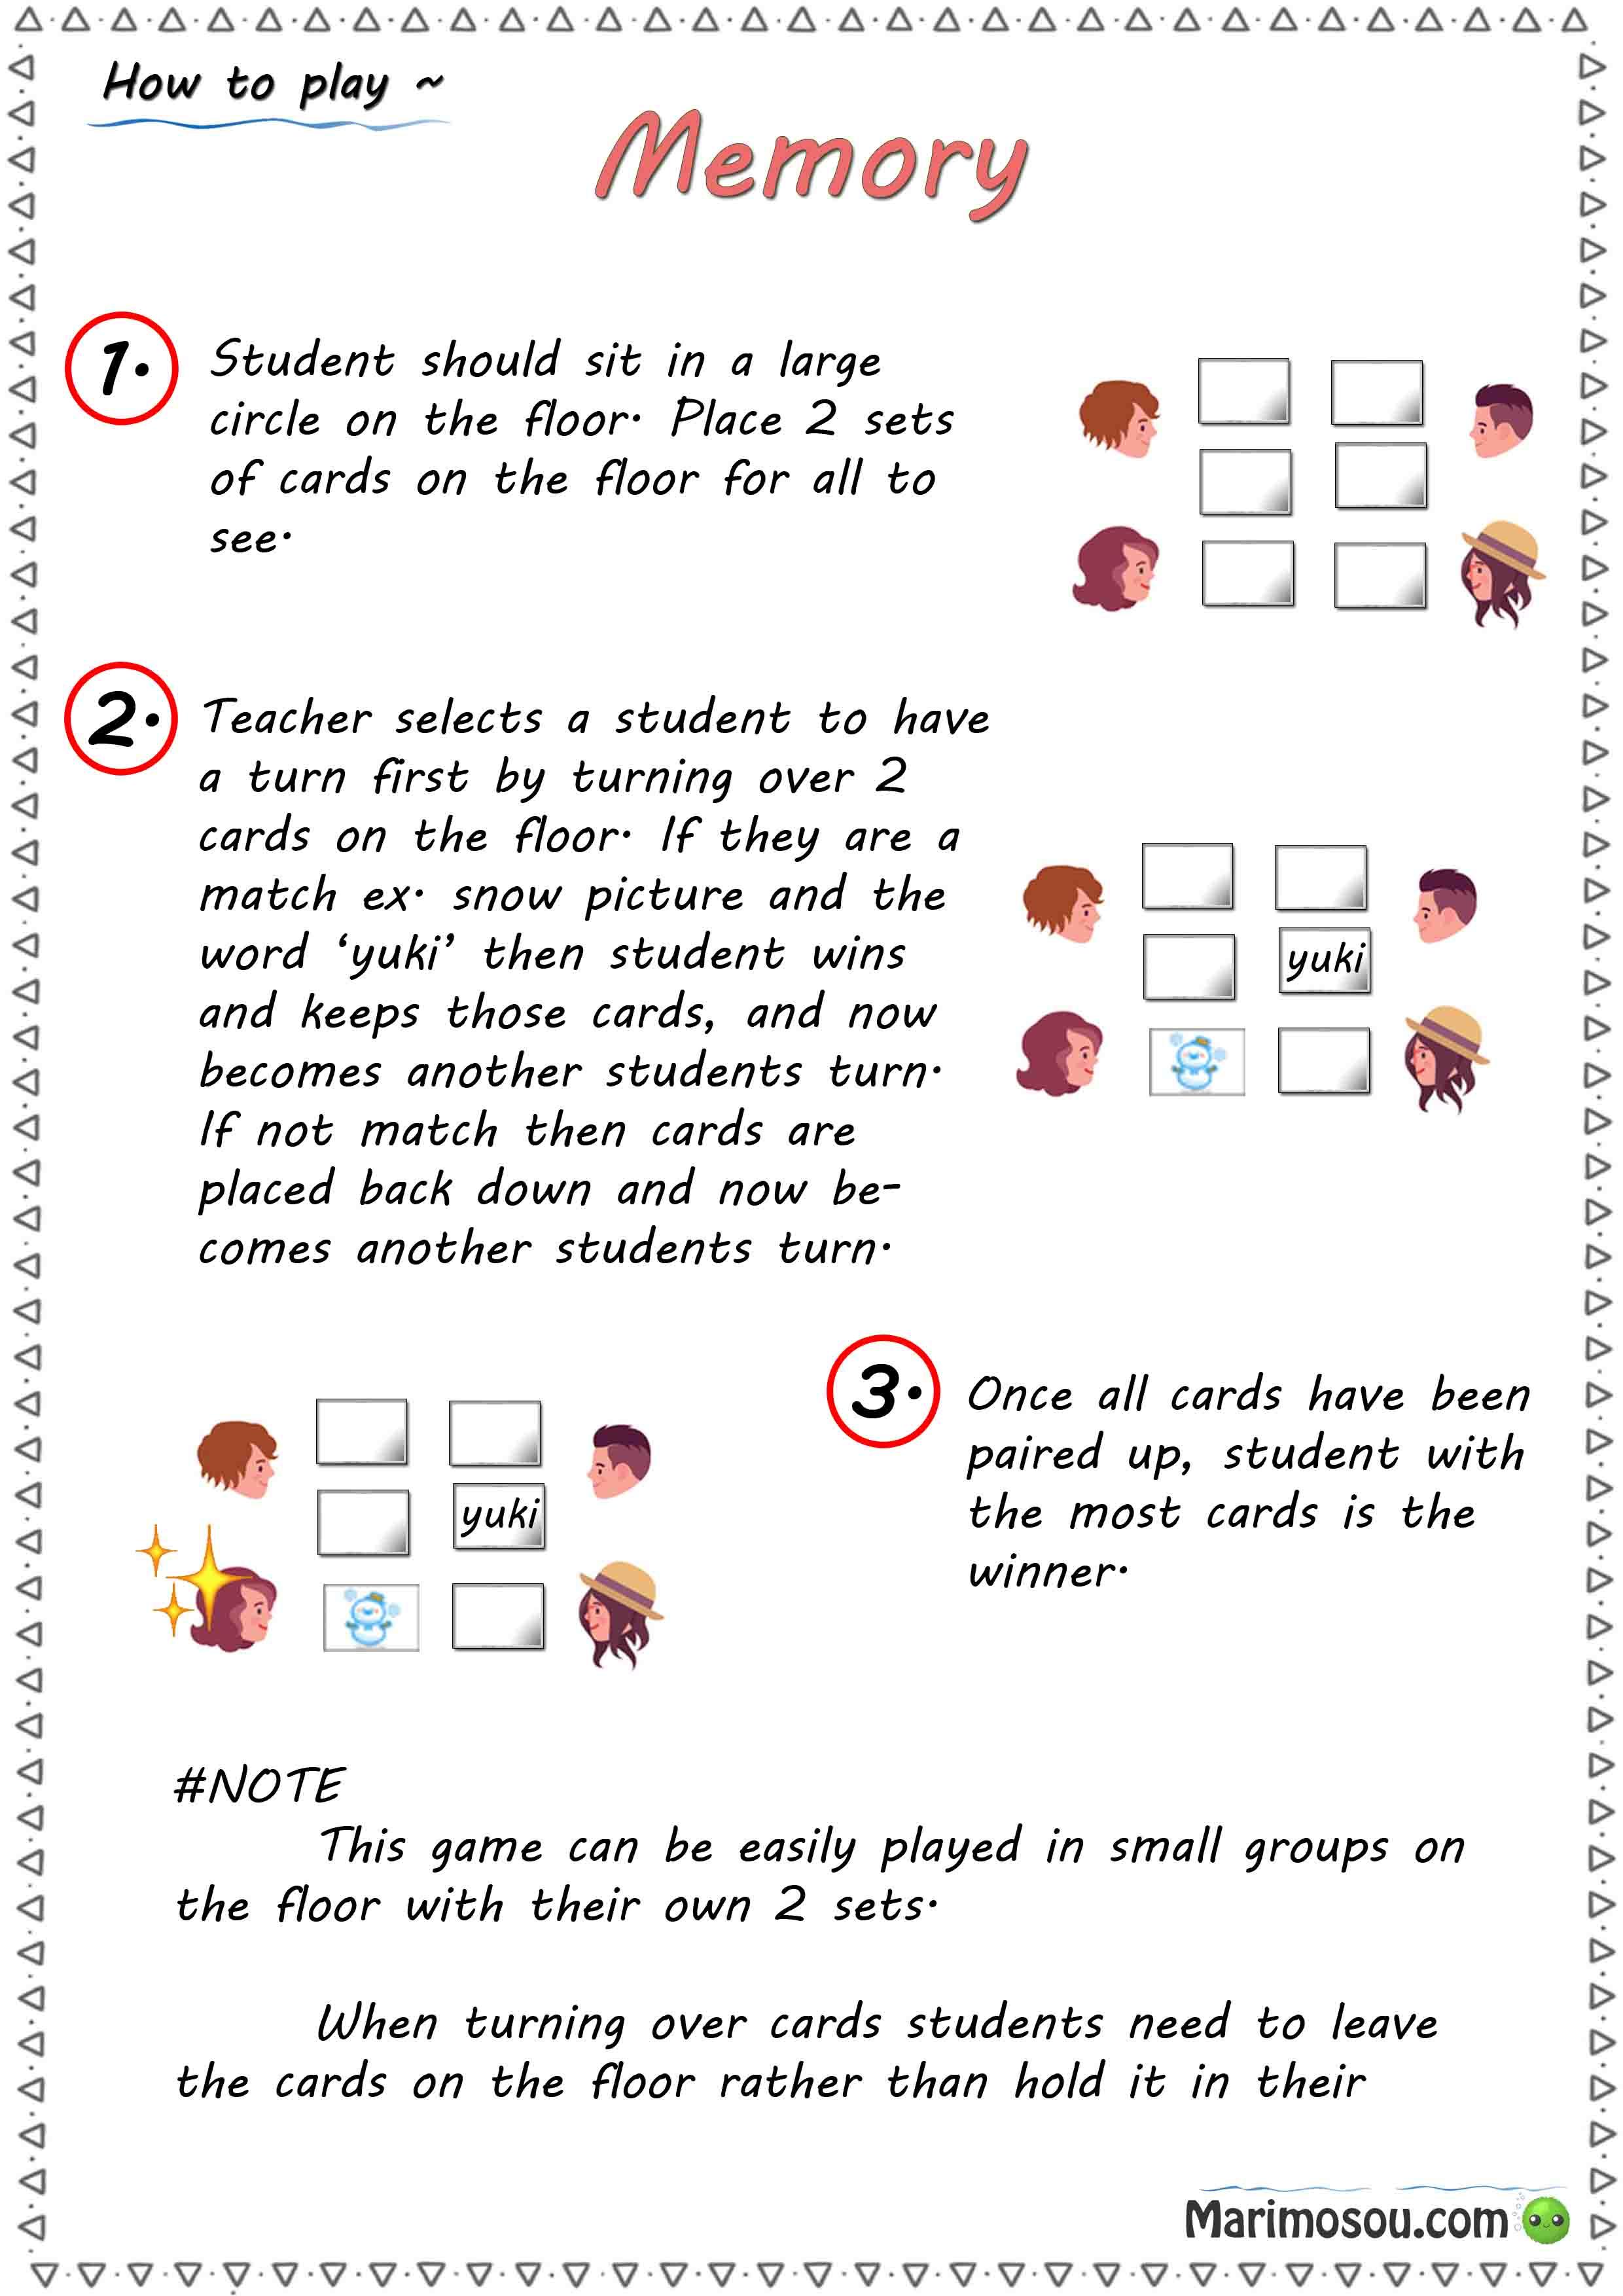 memory game guide